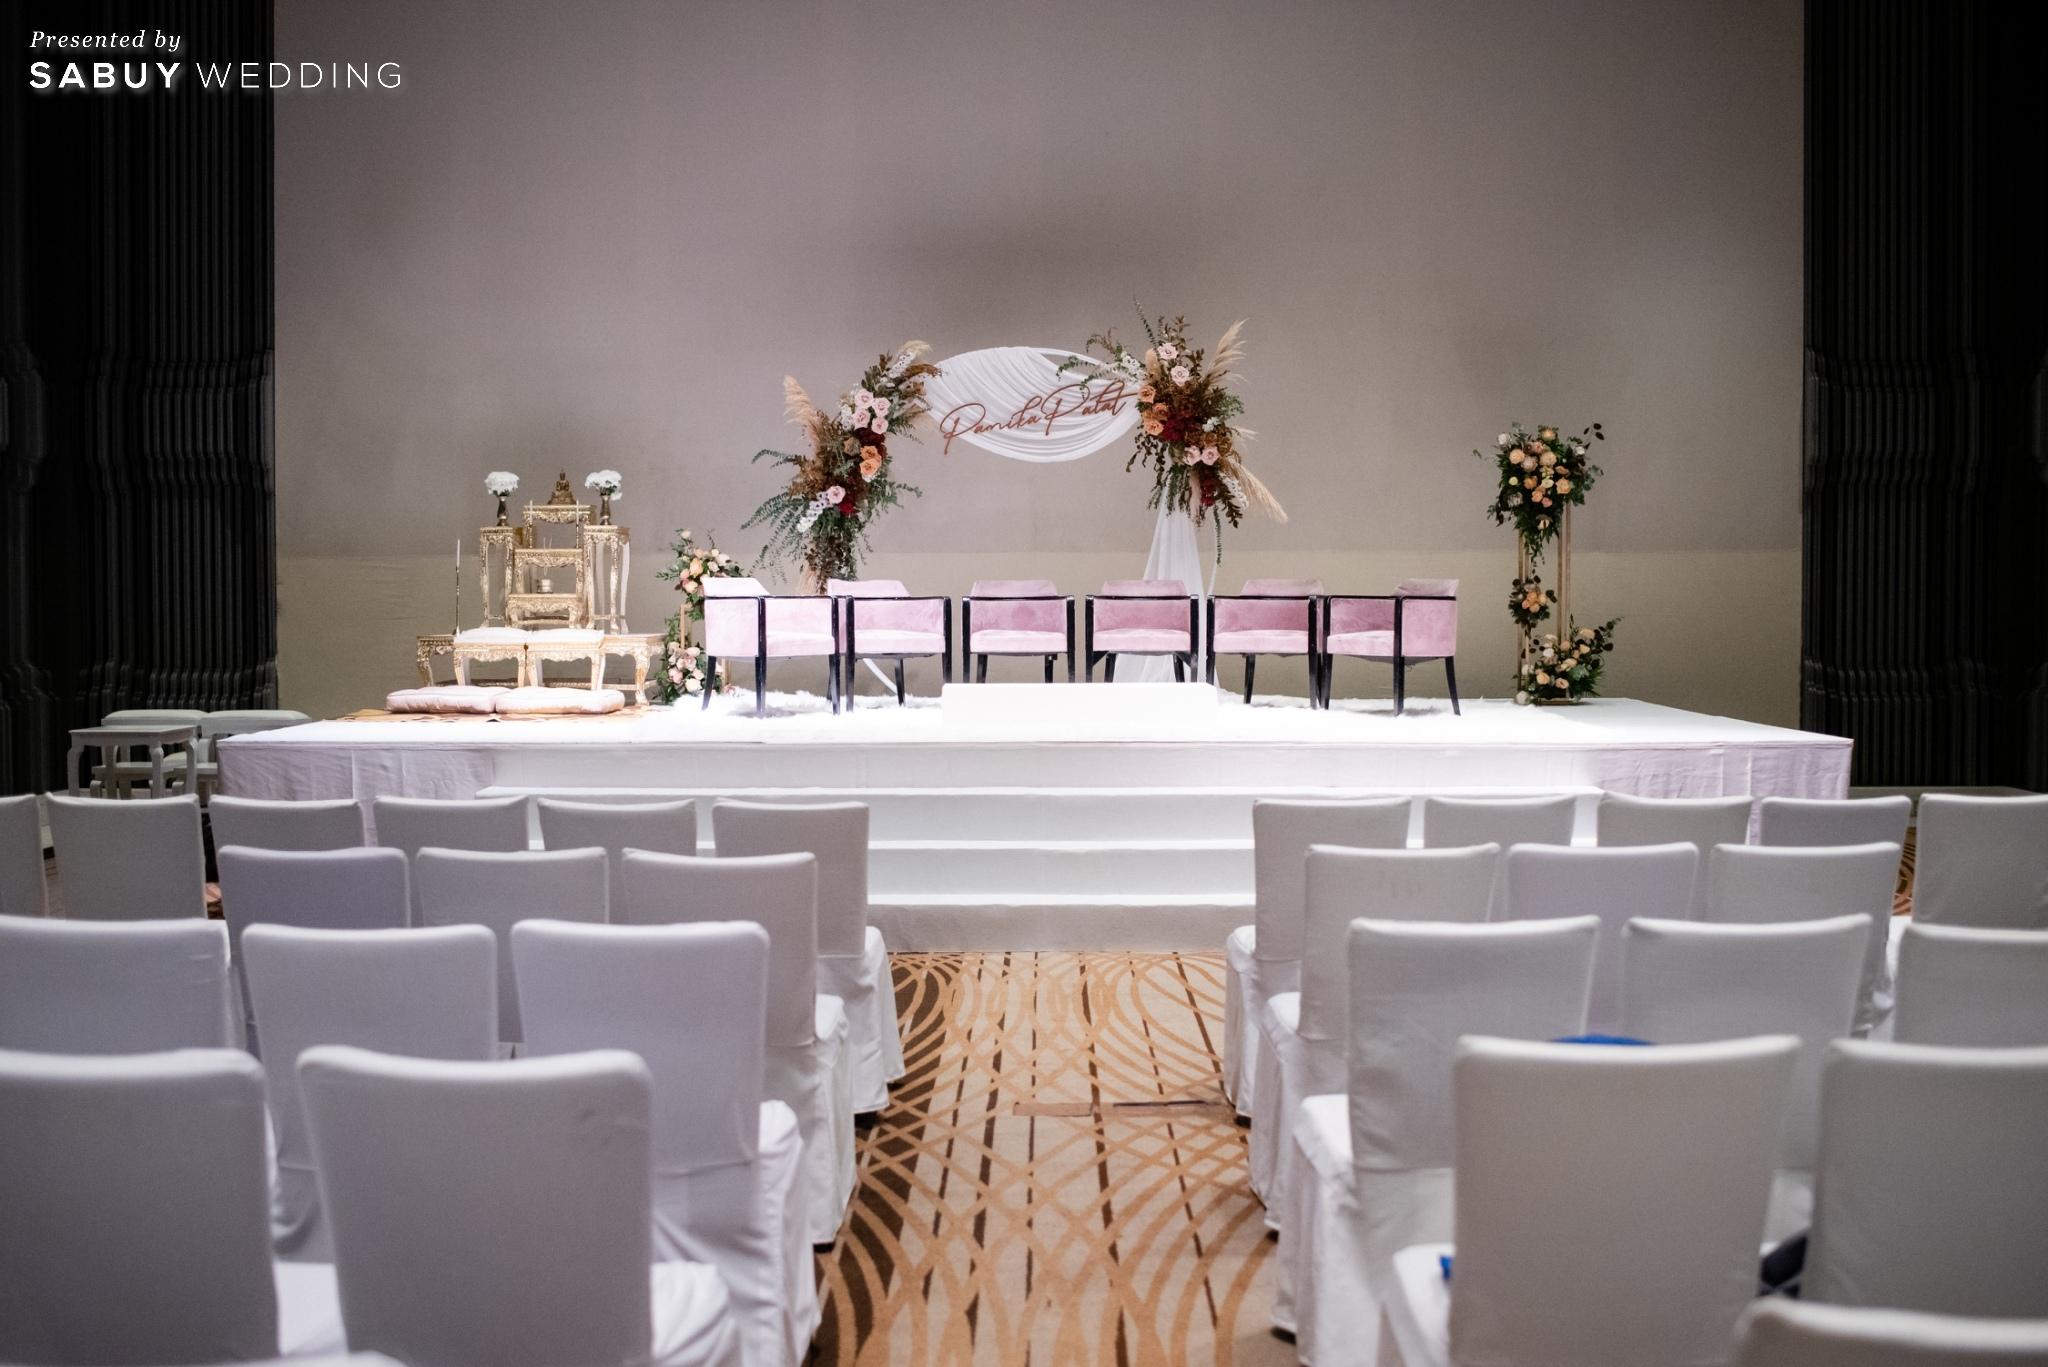 ตกแต่งงานแต่งงาน,สถานที่แต่งงาน,งานแต่งงาน รีวิวงานแต่งฟีล Luxury สวยดูดีด้วยโทนสีเบจ @ SO/ BANGKOK